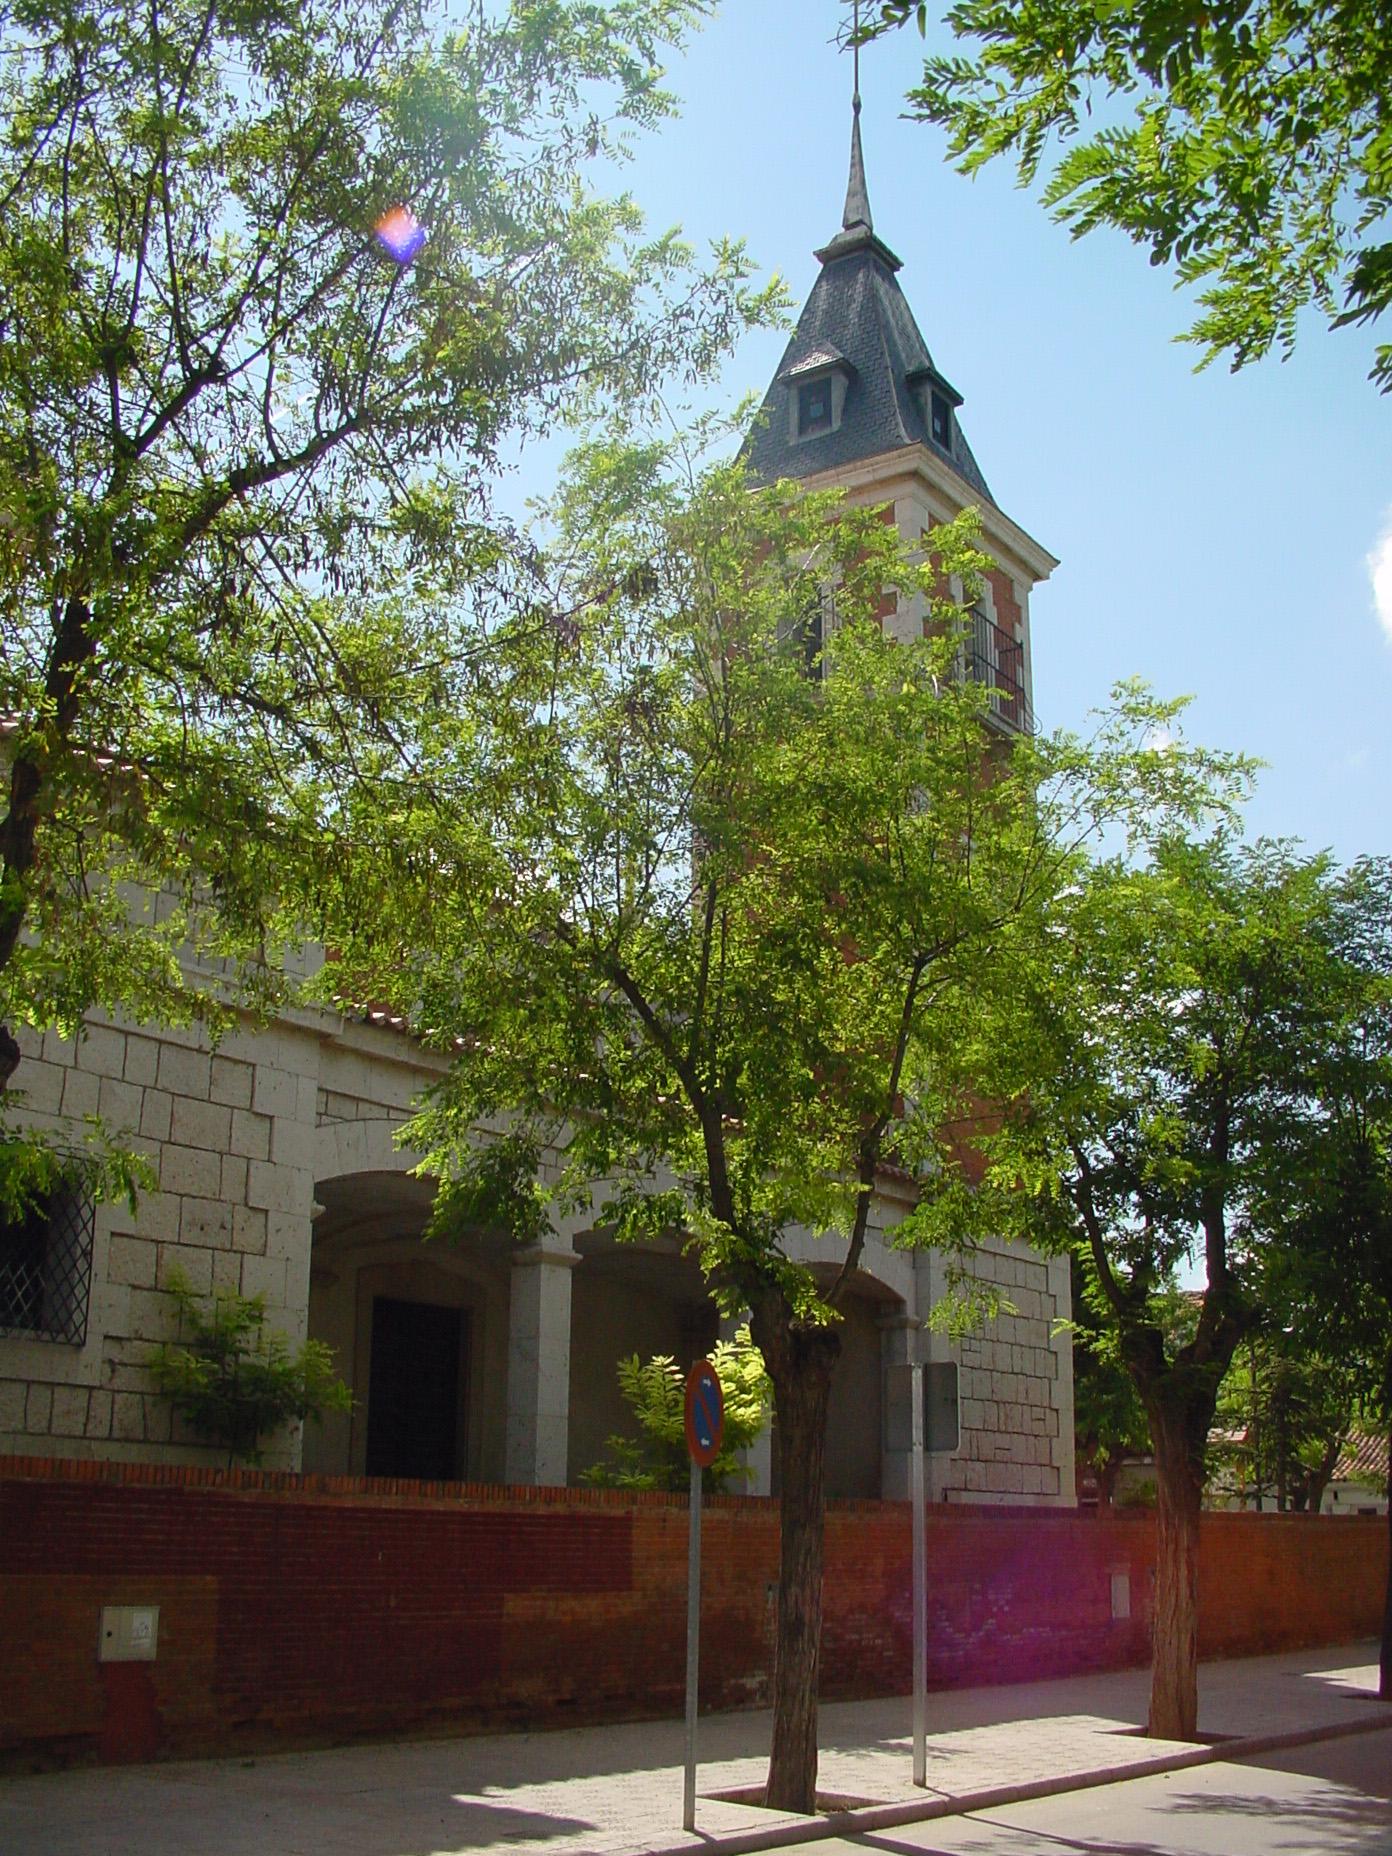 Vista lateral de iglesia en Rivas Vaciamadrid